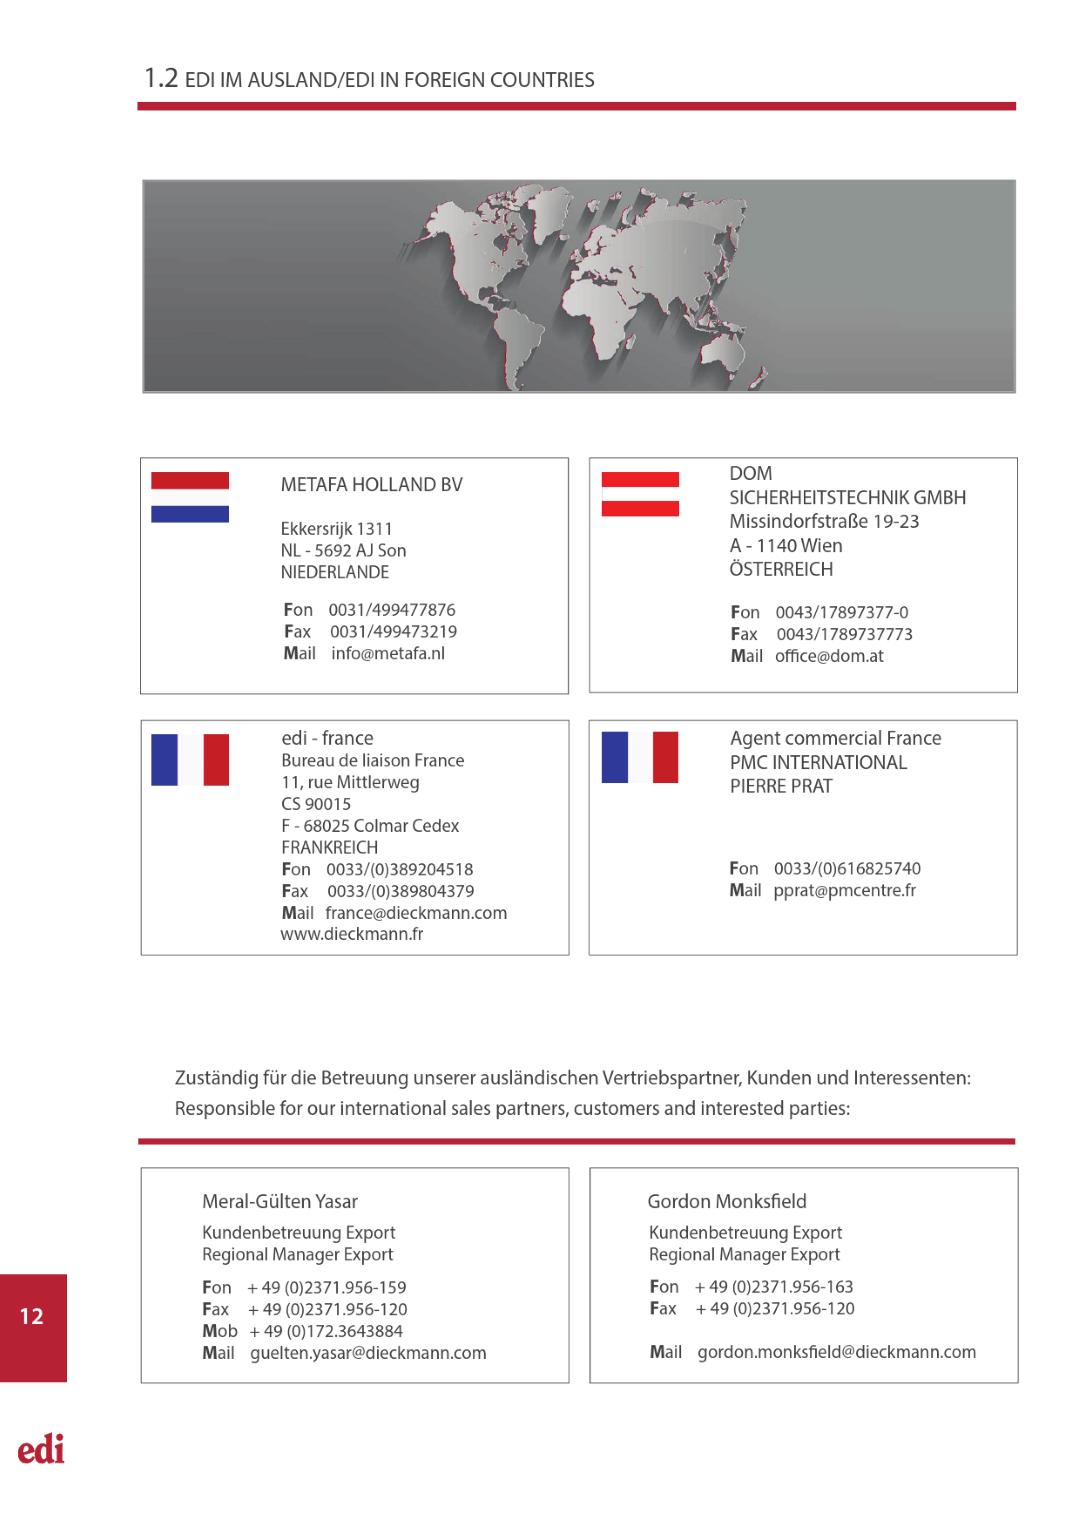 Katalog DIECKMANN - Seite 12 Regensburger Eisen Handel GmbH